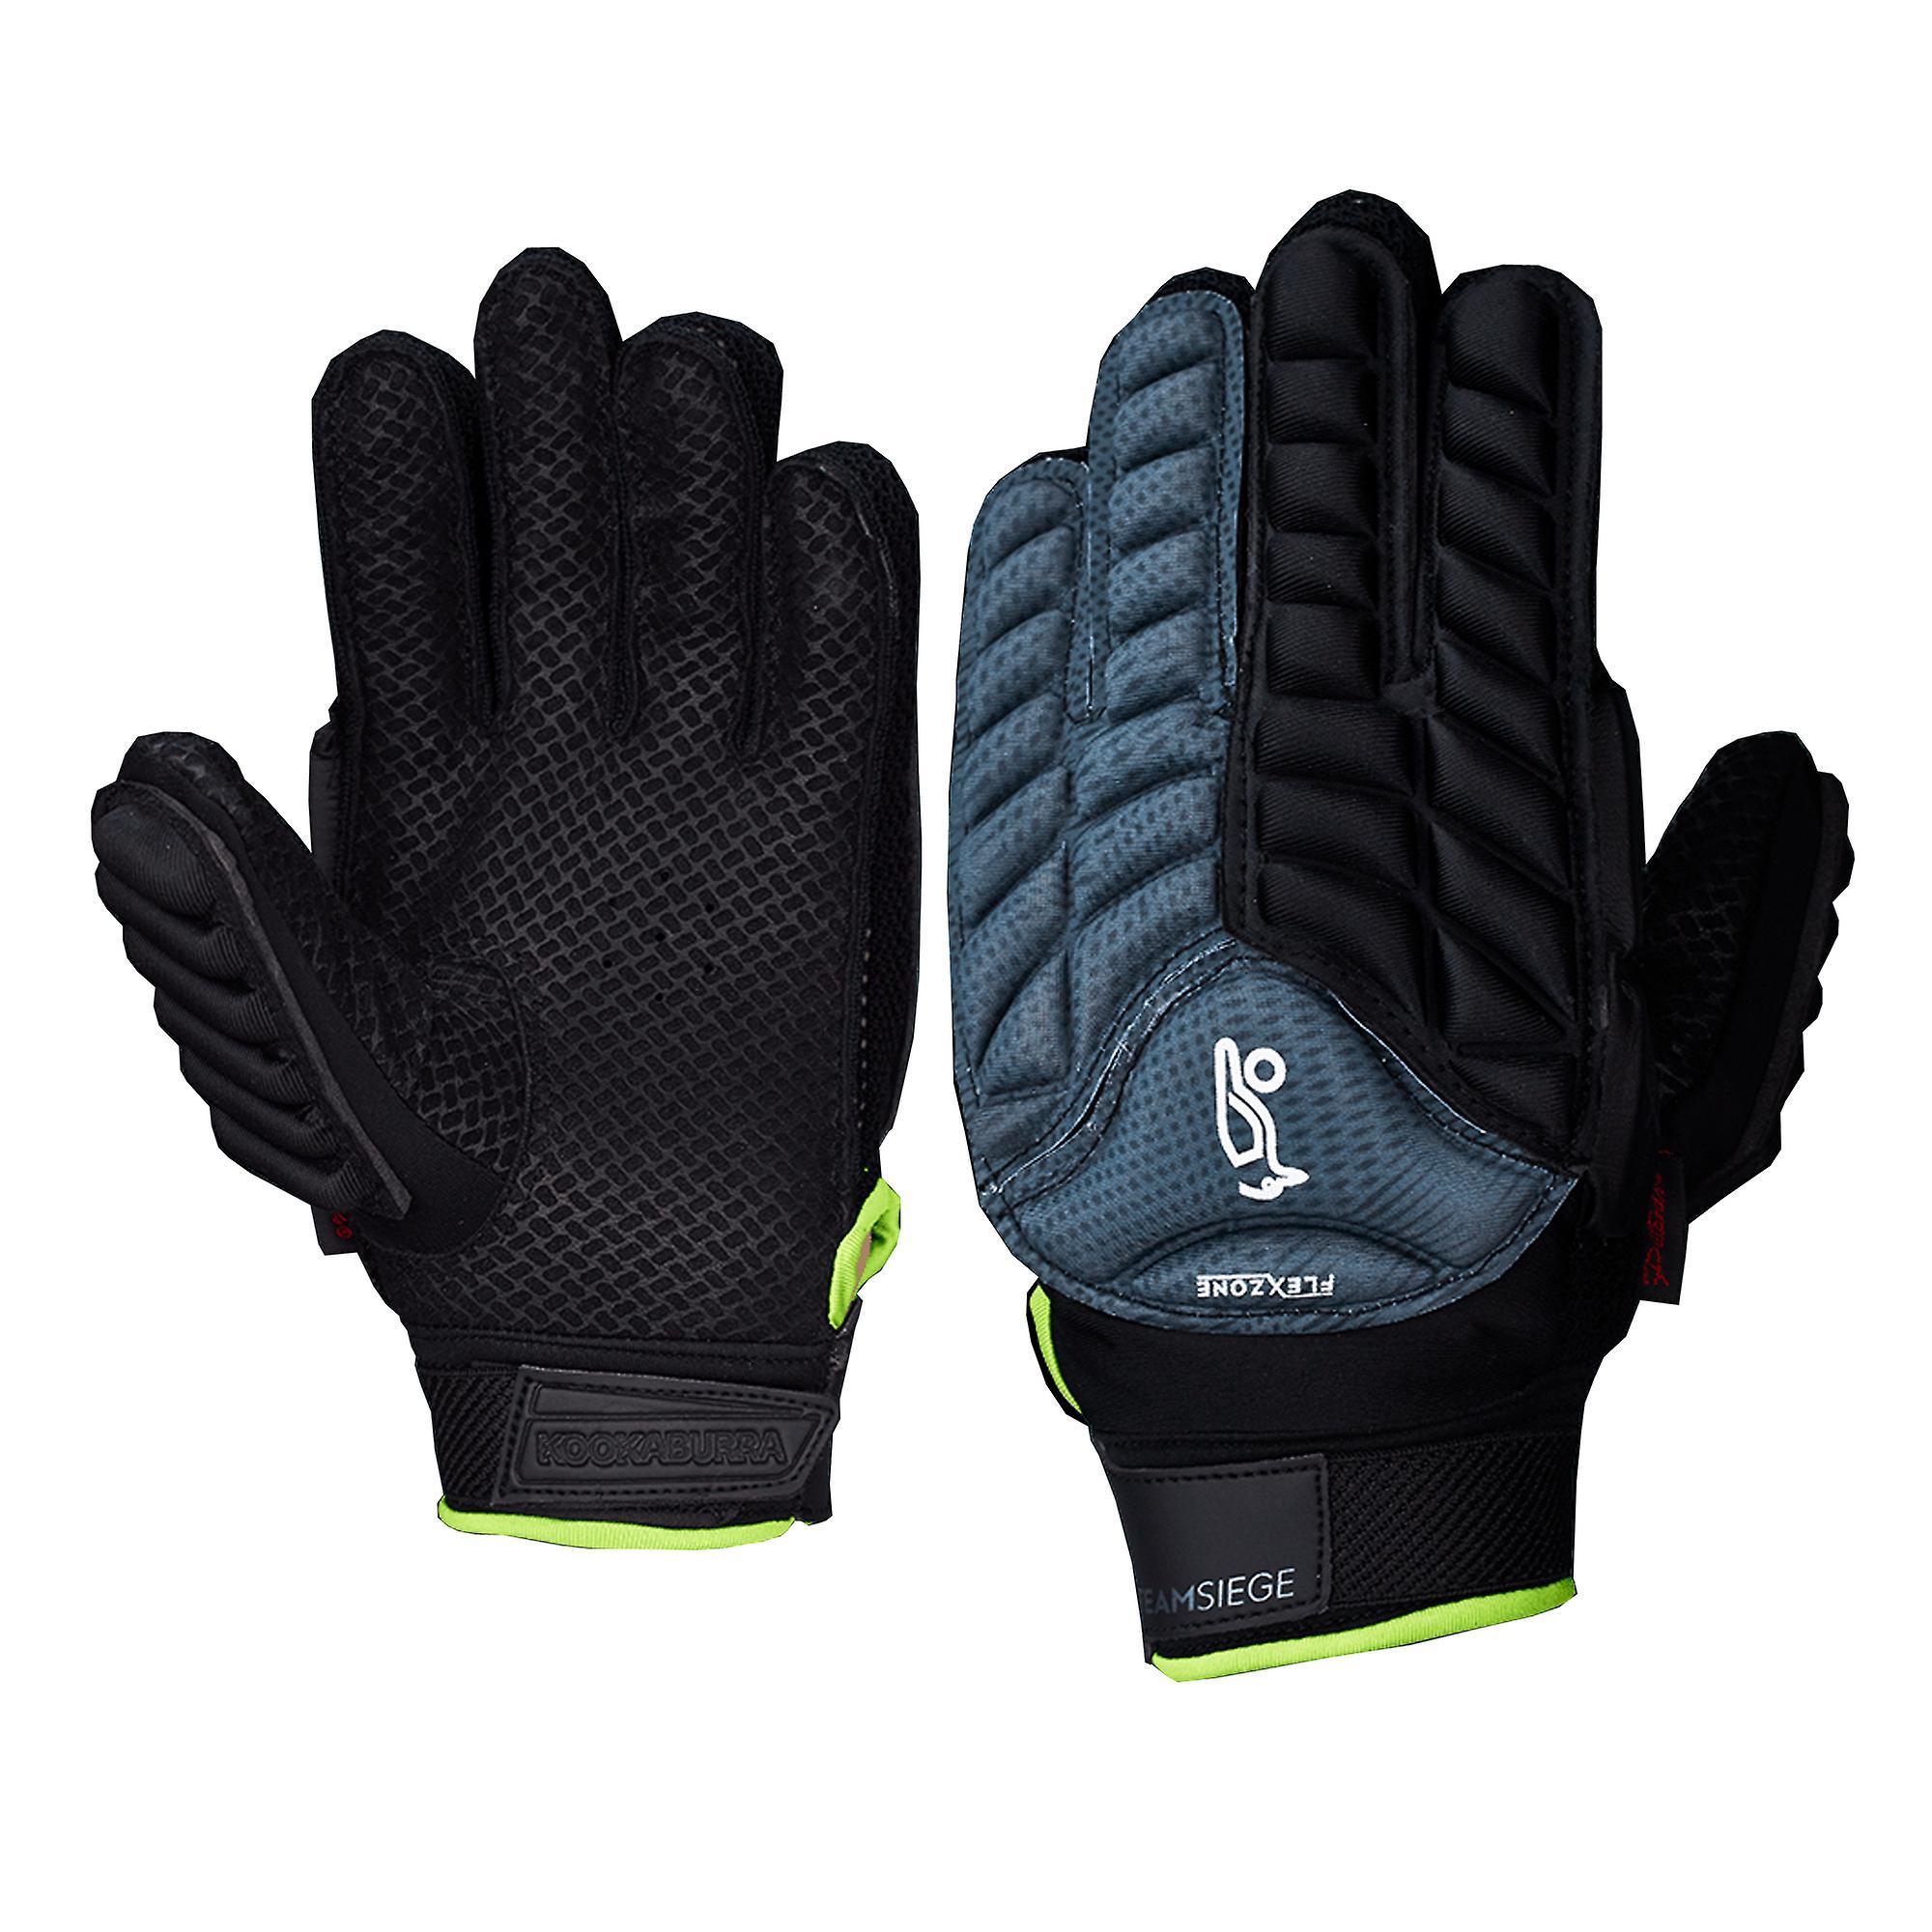 Kookaburra 2018 Team Siege Field Hockey Hand Guard Glove Protection Grey